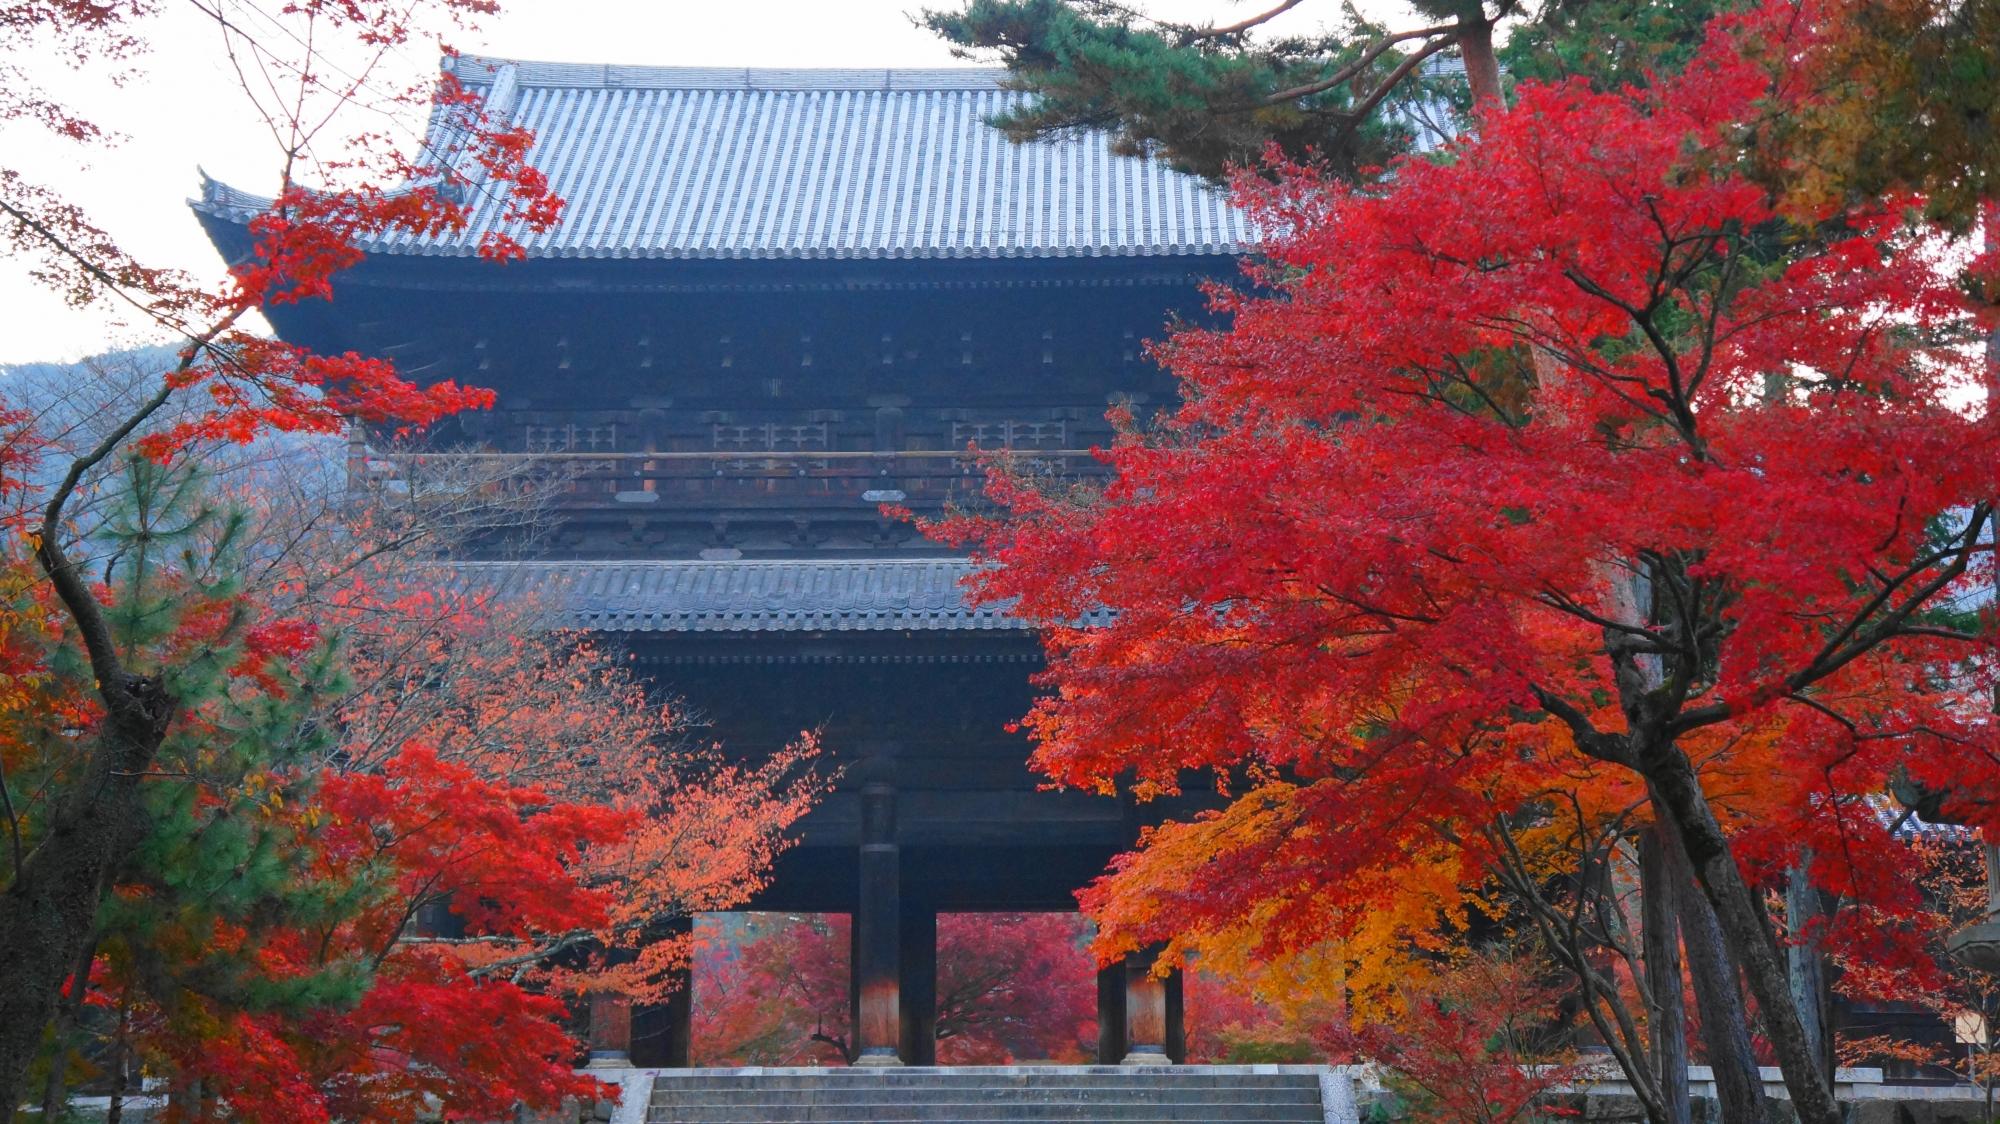 見事な秋色に染まった巨大な三門